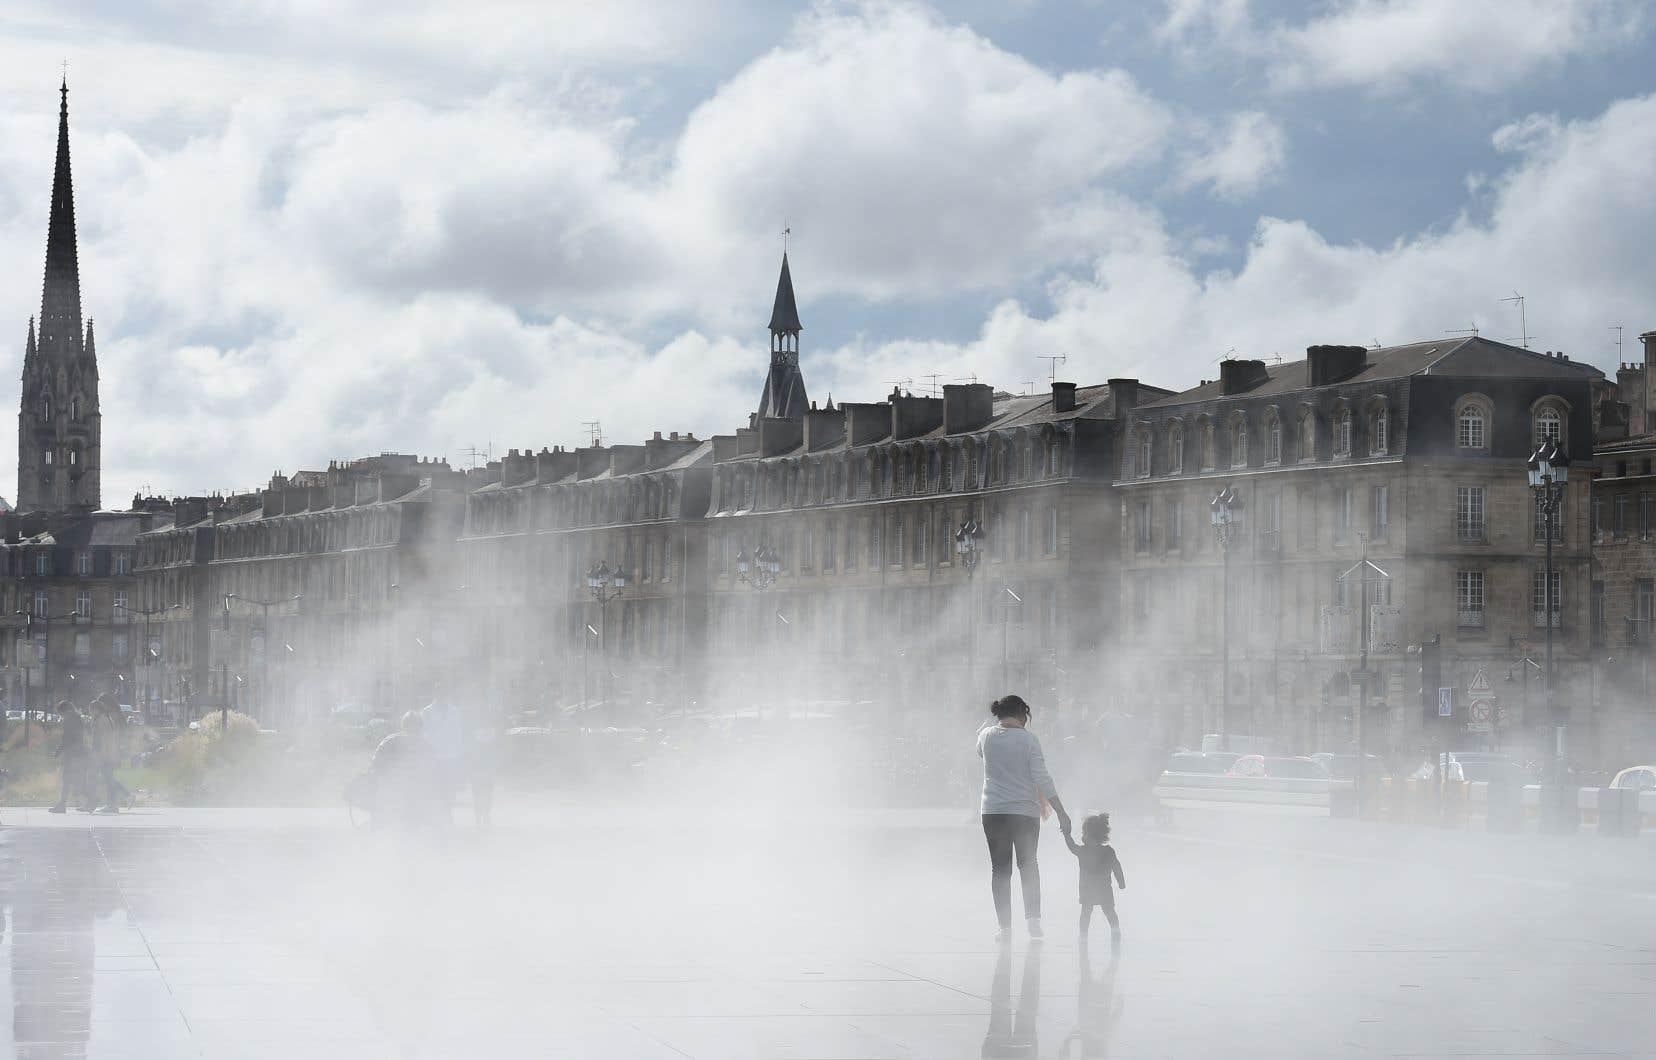 «Bordeaux millionnaire», tel fut le slogan symbolique de ceux qui voulaient faire passer la population de l'agglomération de 600000 habitants en1990 à un million en 2030. On en est à 780000! «Mais à quel prix?» demande l'urbaniste Vincent Bart.